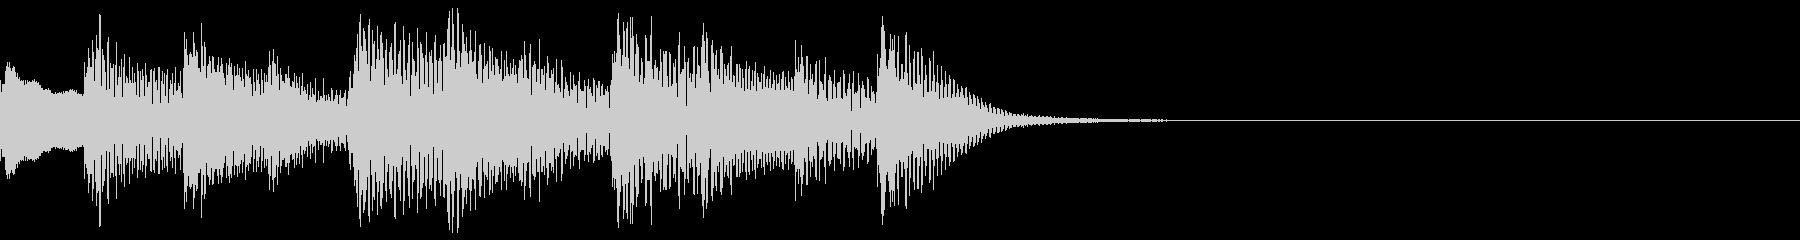 ブルース フレーズ トイピアノの未再生の波形